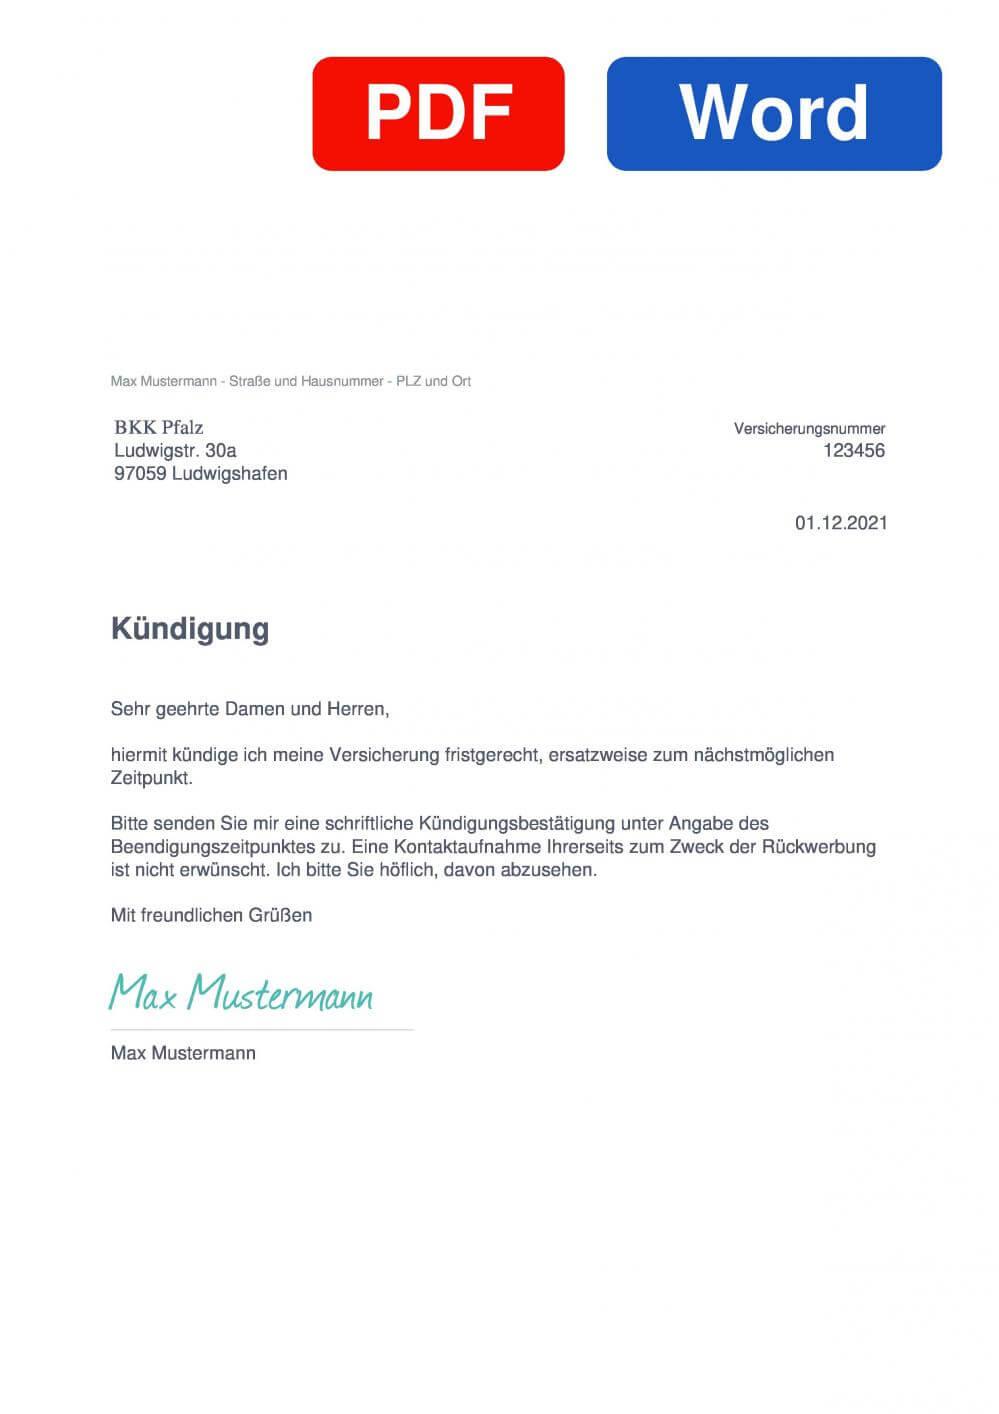 BKK Pfalz Muster Vorlage für Kündigungsschreiben